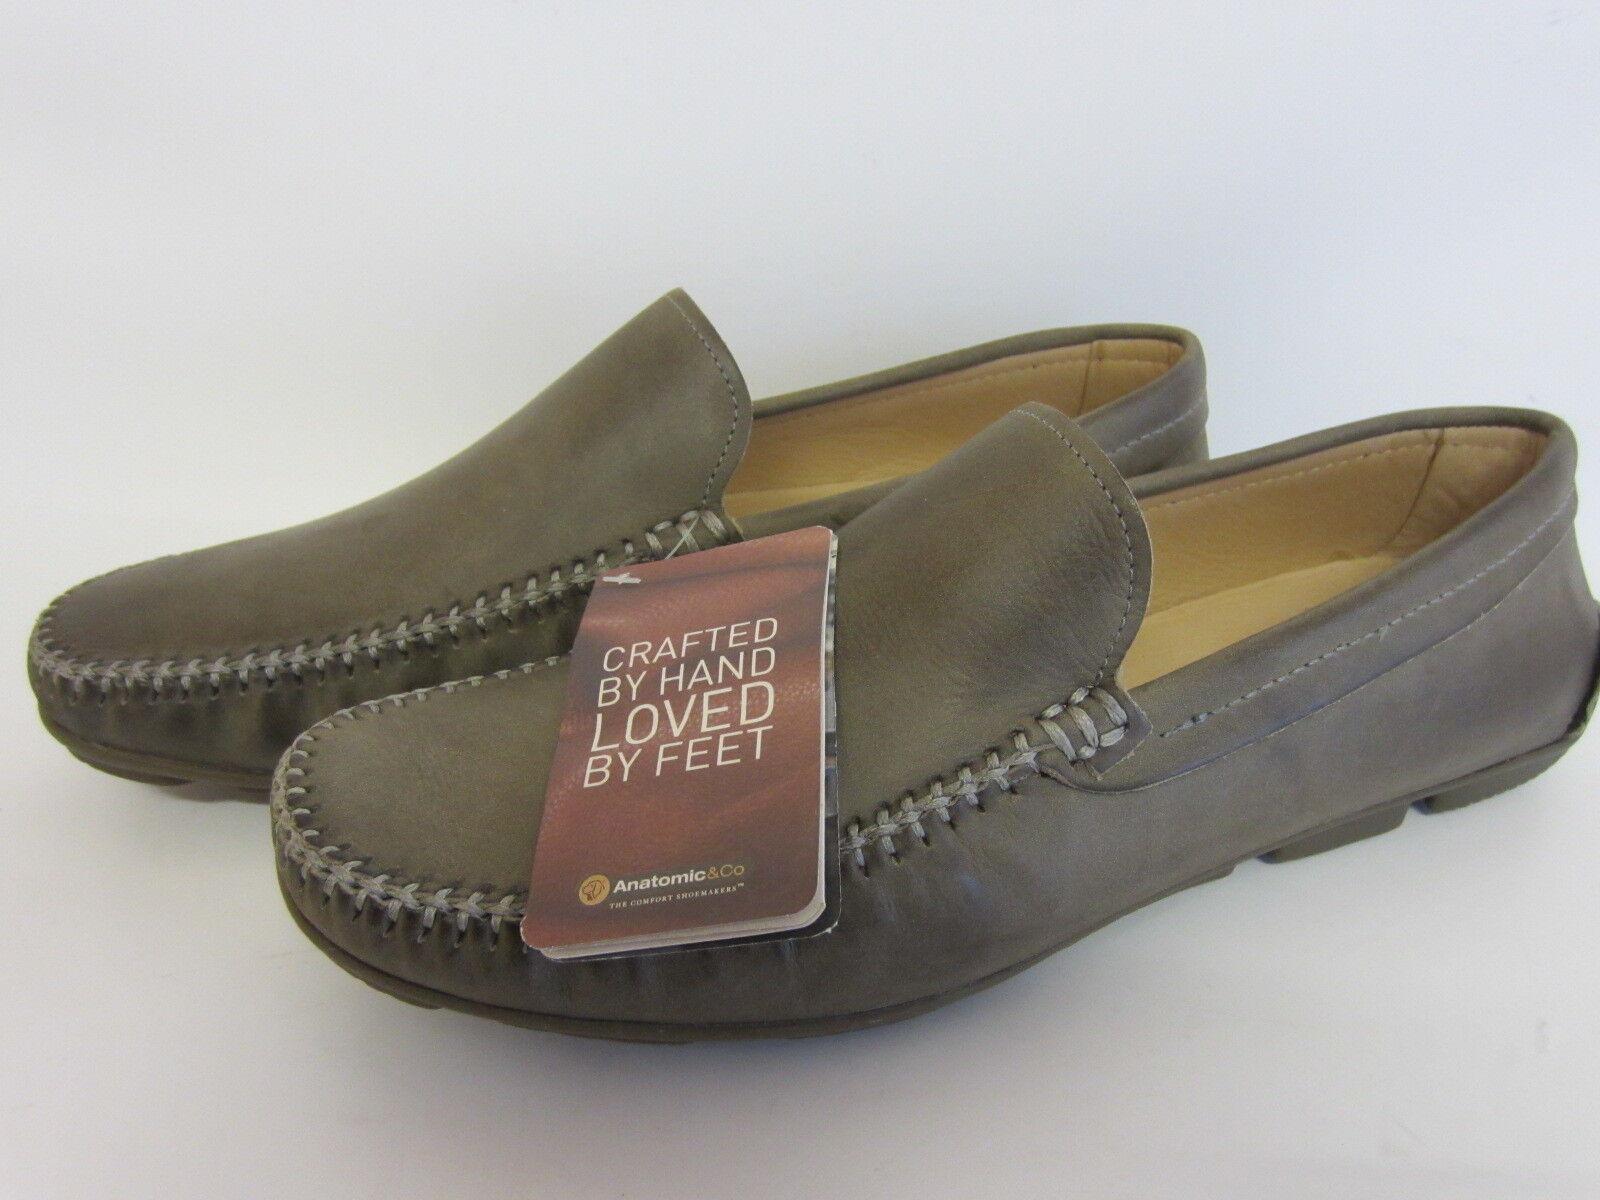 Anatomic Zapato aruja Cuero Caqui Chumbo Vintage Zapato Anatomic (LR ) 21a985